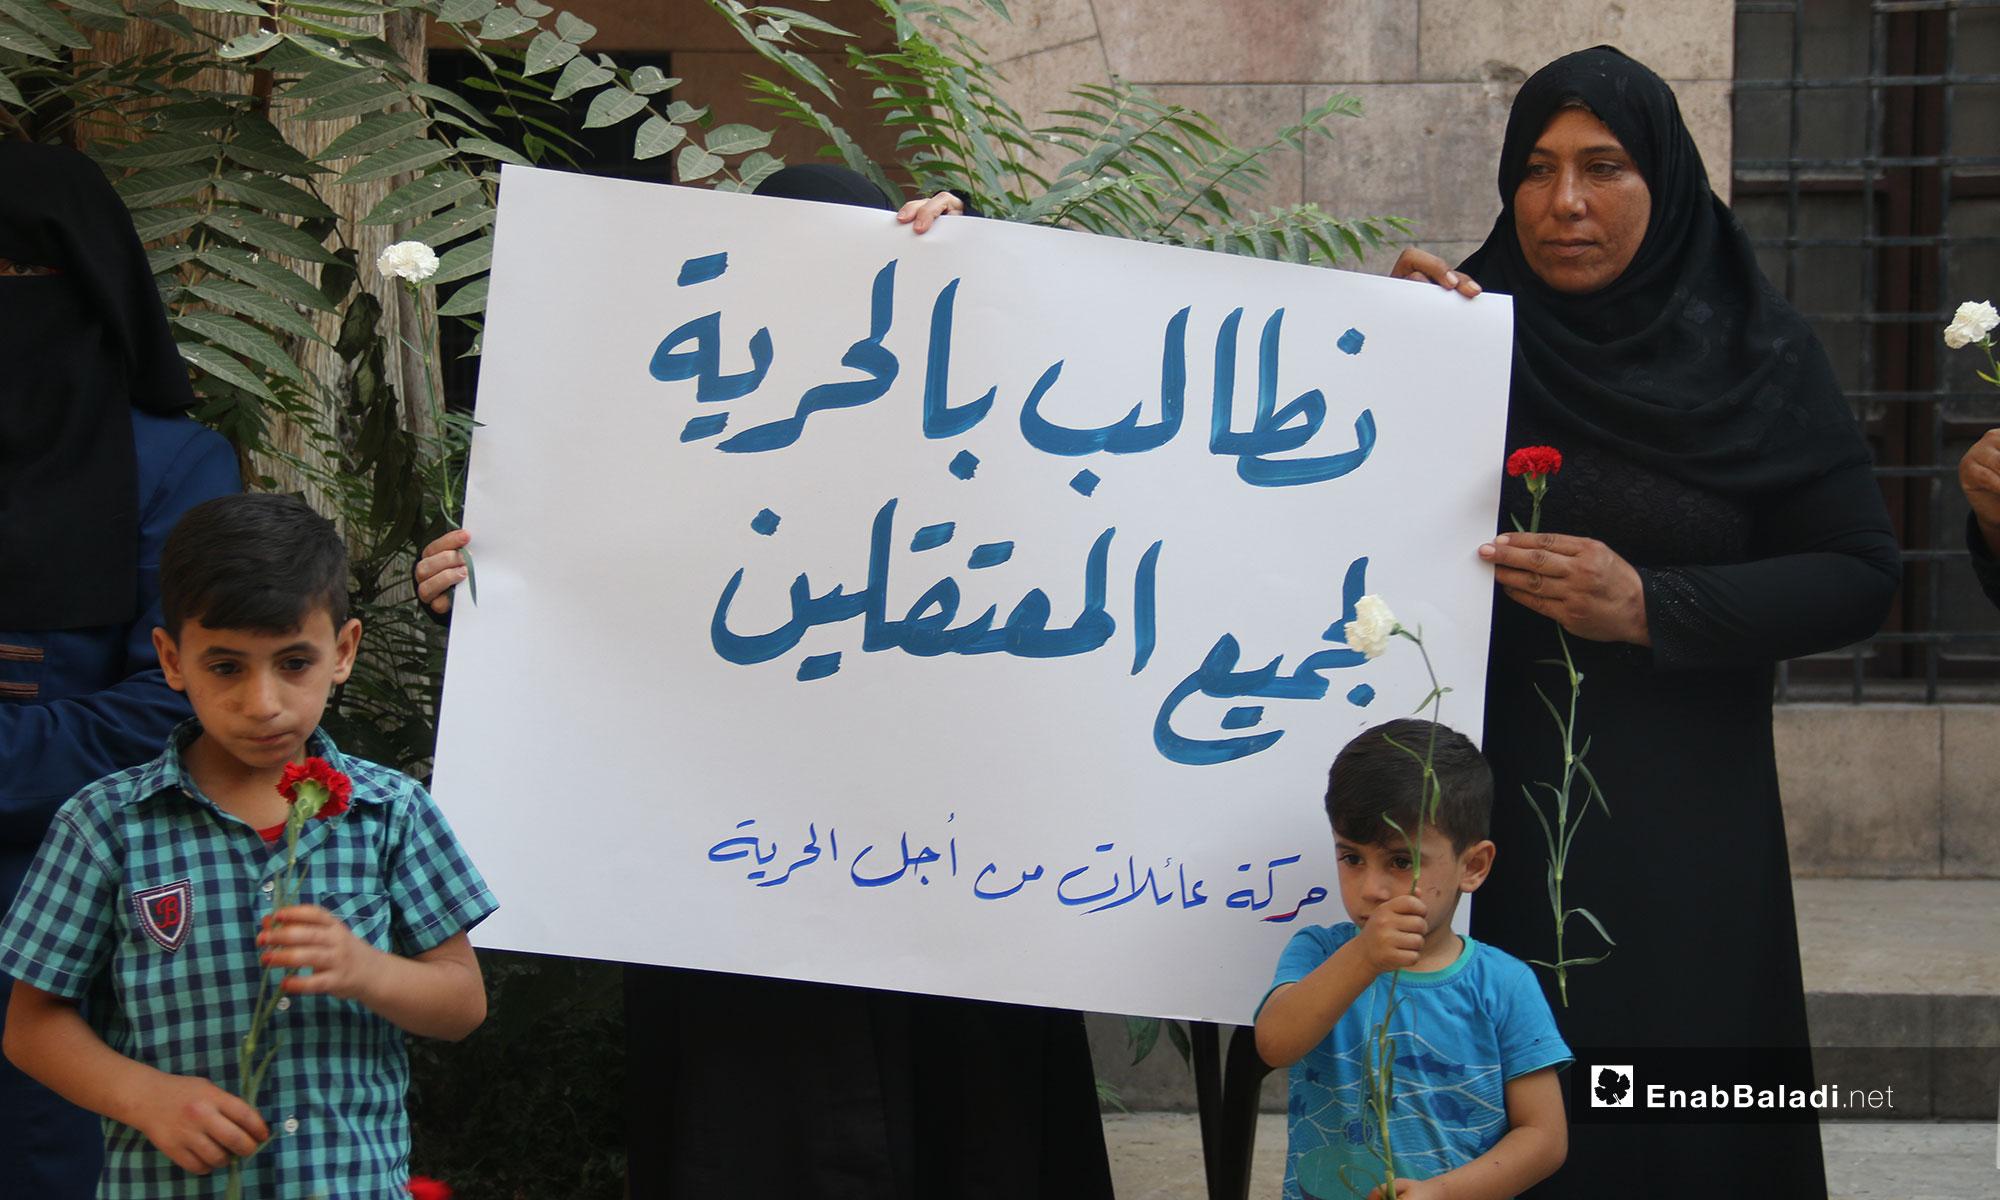 وقفة تضامنية للمطالبة بالمعتقلين في معرة النعمان - 30 من آب 2018 (عنب بلدي)